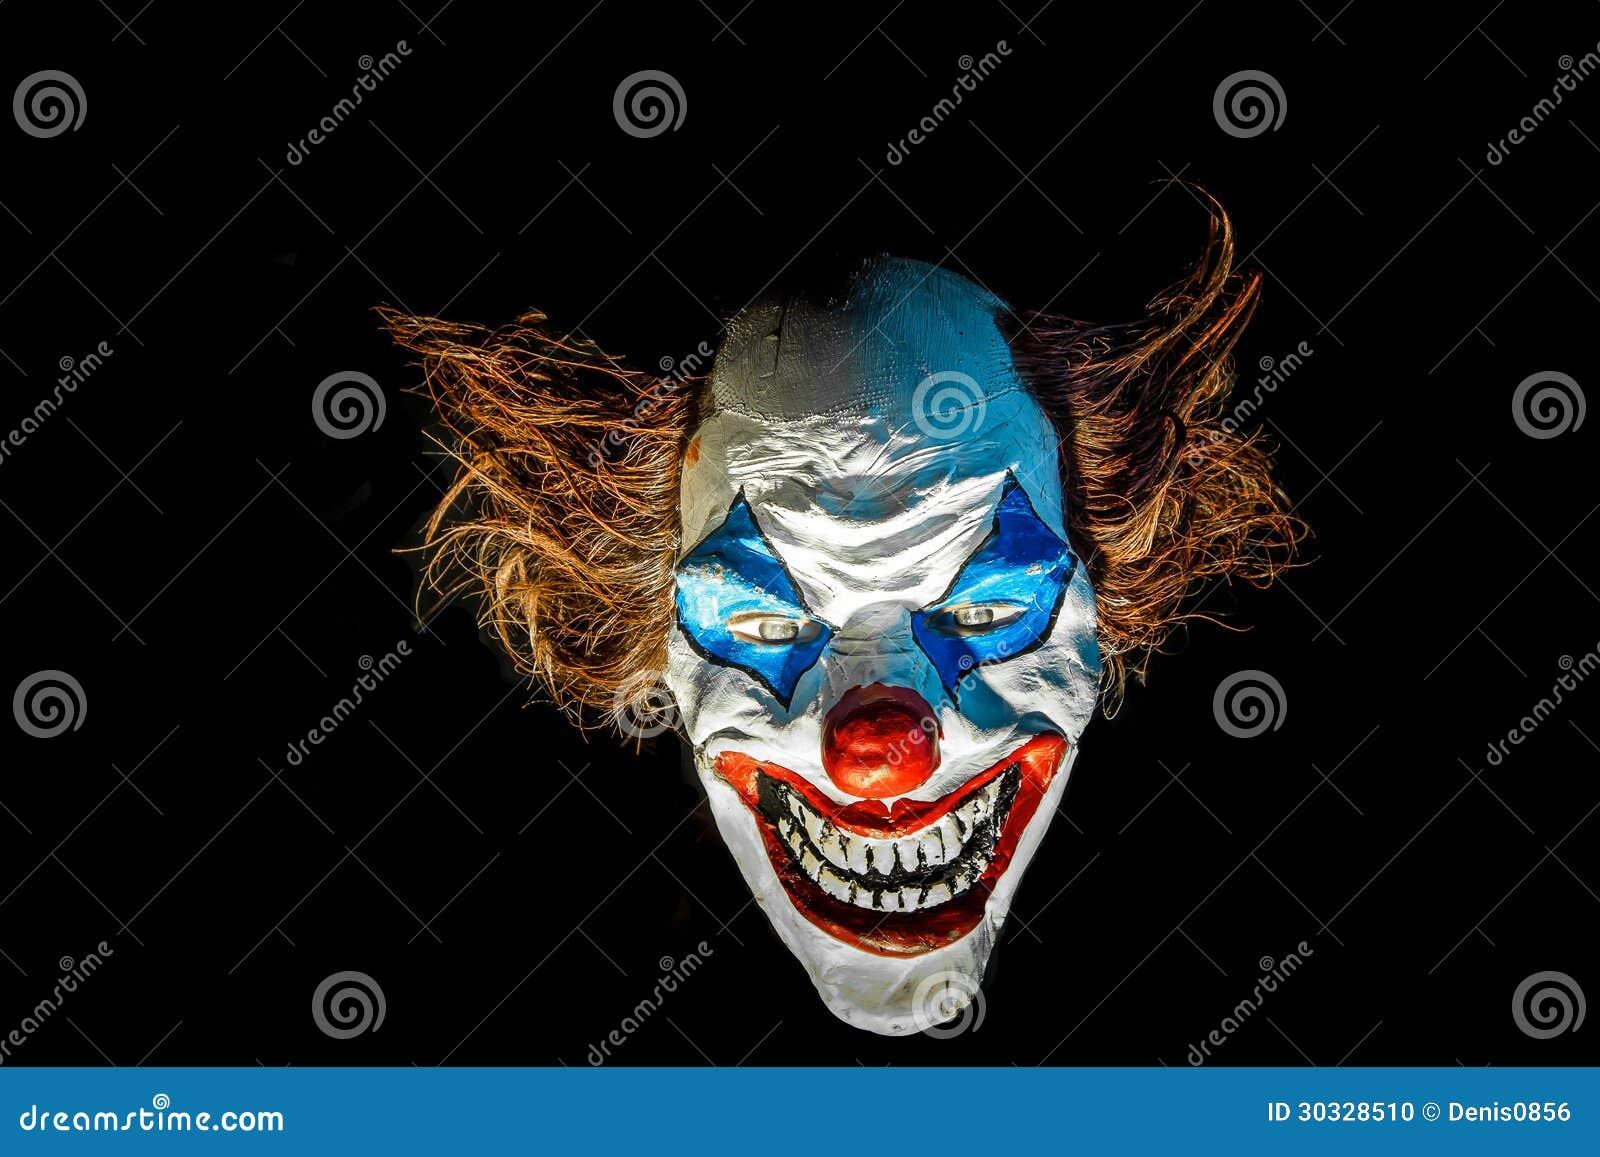 Dummy Clown